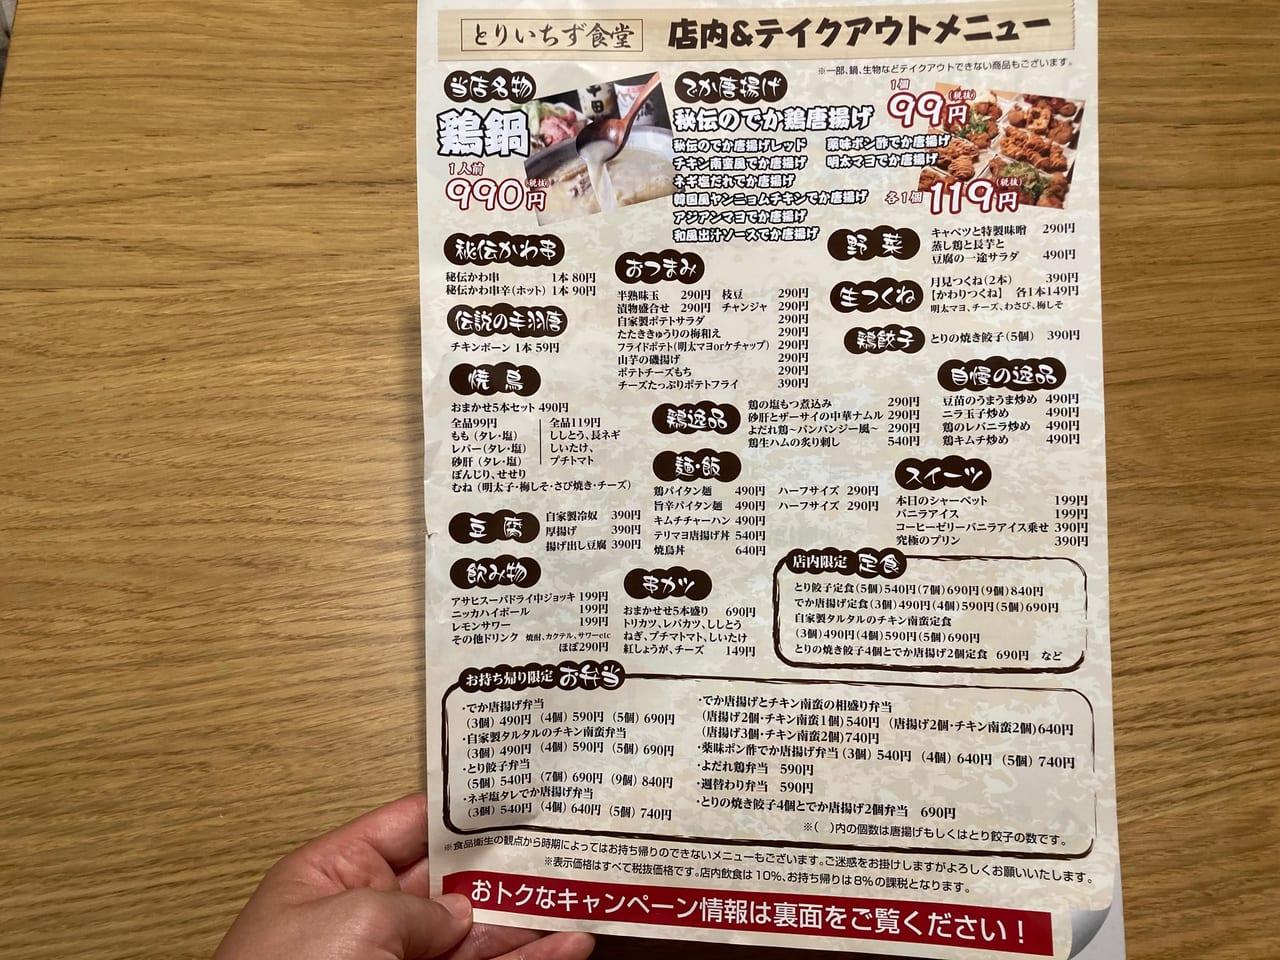 唐揚げ・焼鳥・鶏餃子『とりいちず食堂 国分寺南口店』が9月28日(月)11時OPEN!3日間限定のキャンペーン開催!